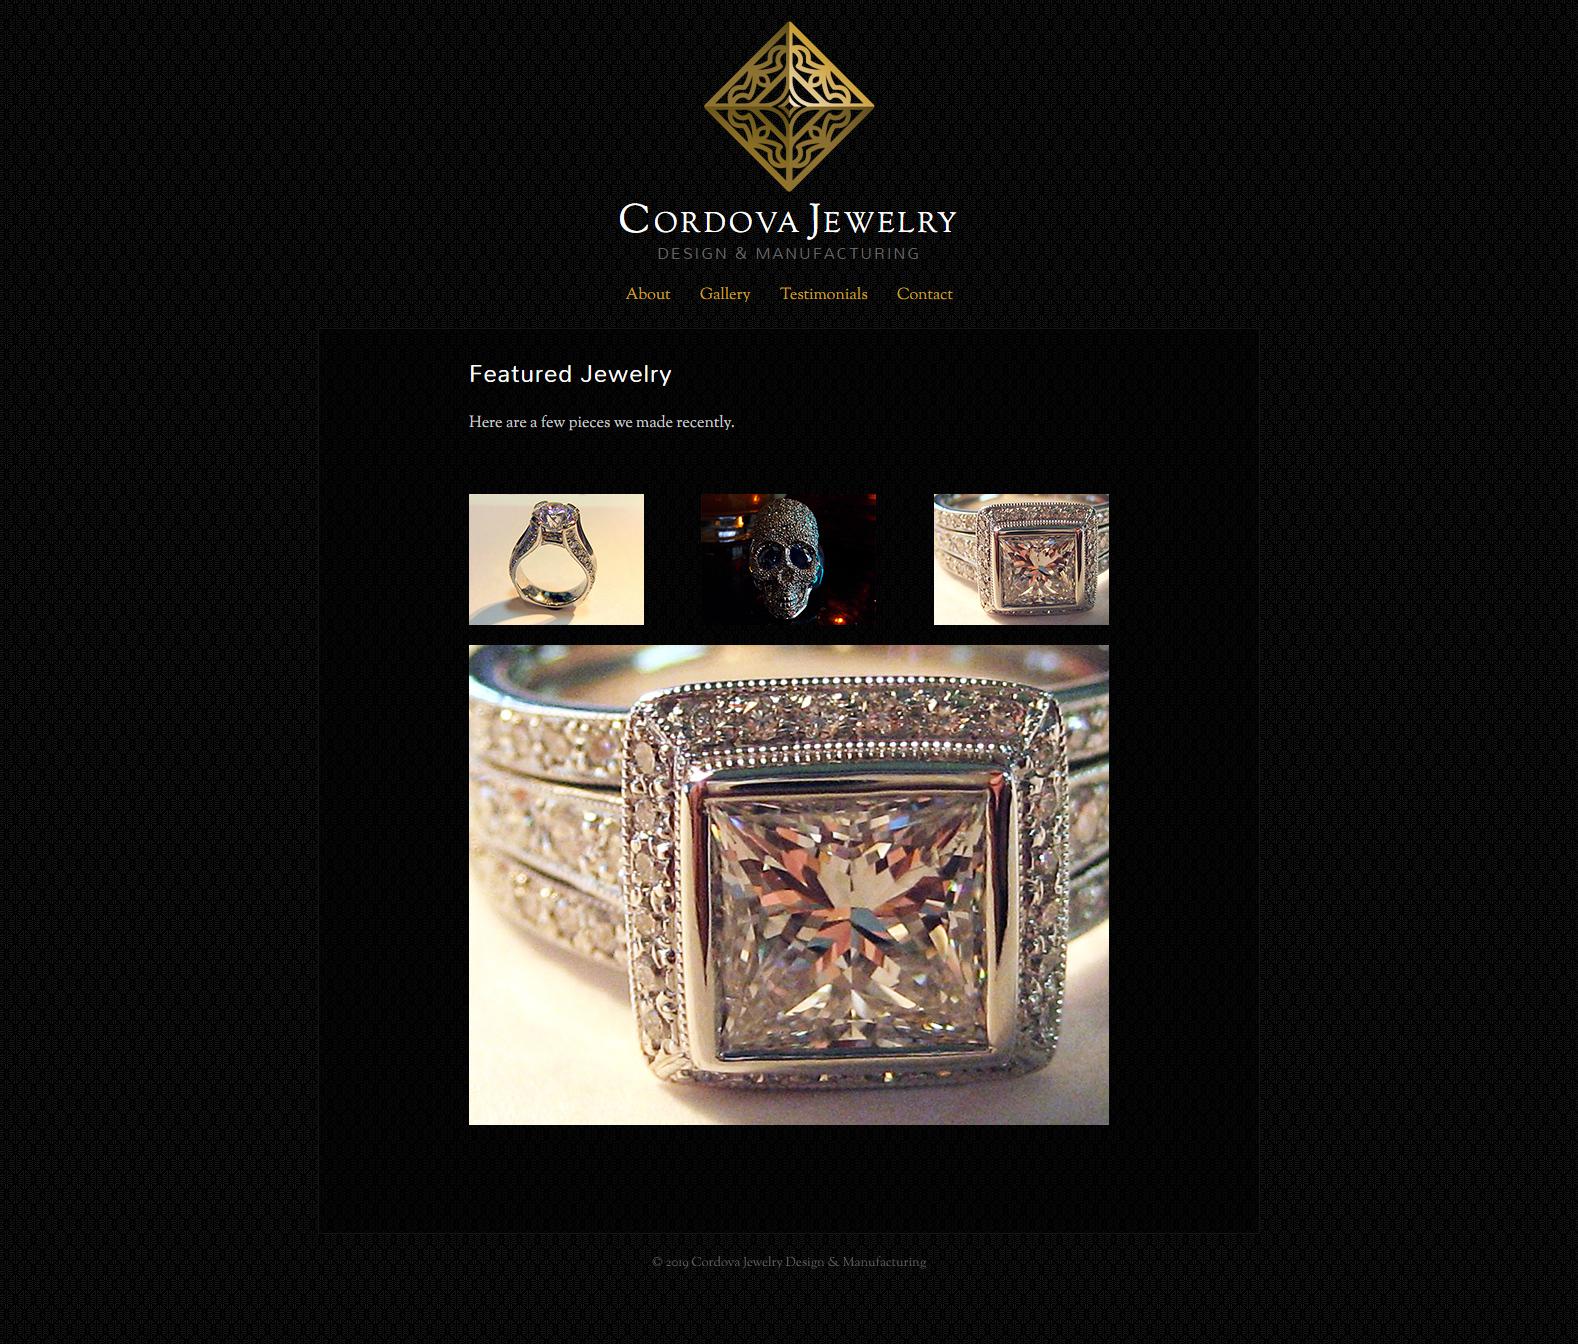 Cordova Jewelry - Home Page